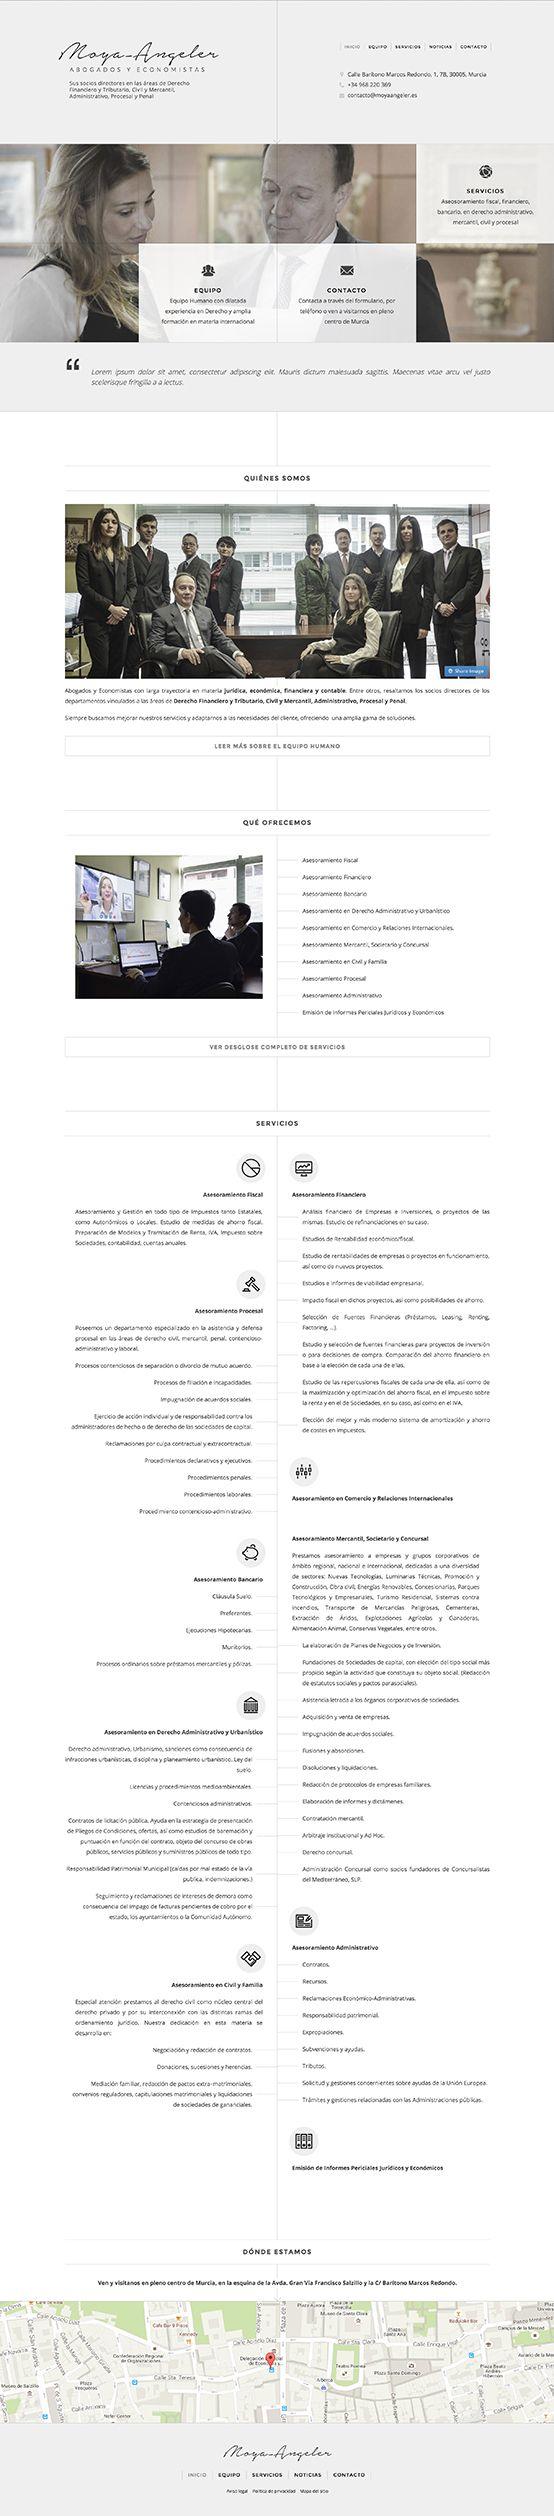 El reto principal del proyecto Moya-Angeler web era dar visibilidad online a unos de los bufetes de abogados más importantes de Murcia y, así, poner en contacto con clientes potenciales. Se diseño, con Jimdo, un entorno sobrio y elegante según los cánones de la marca.